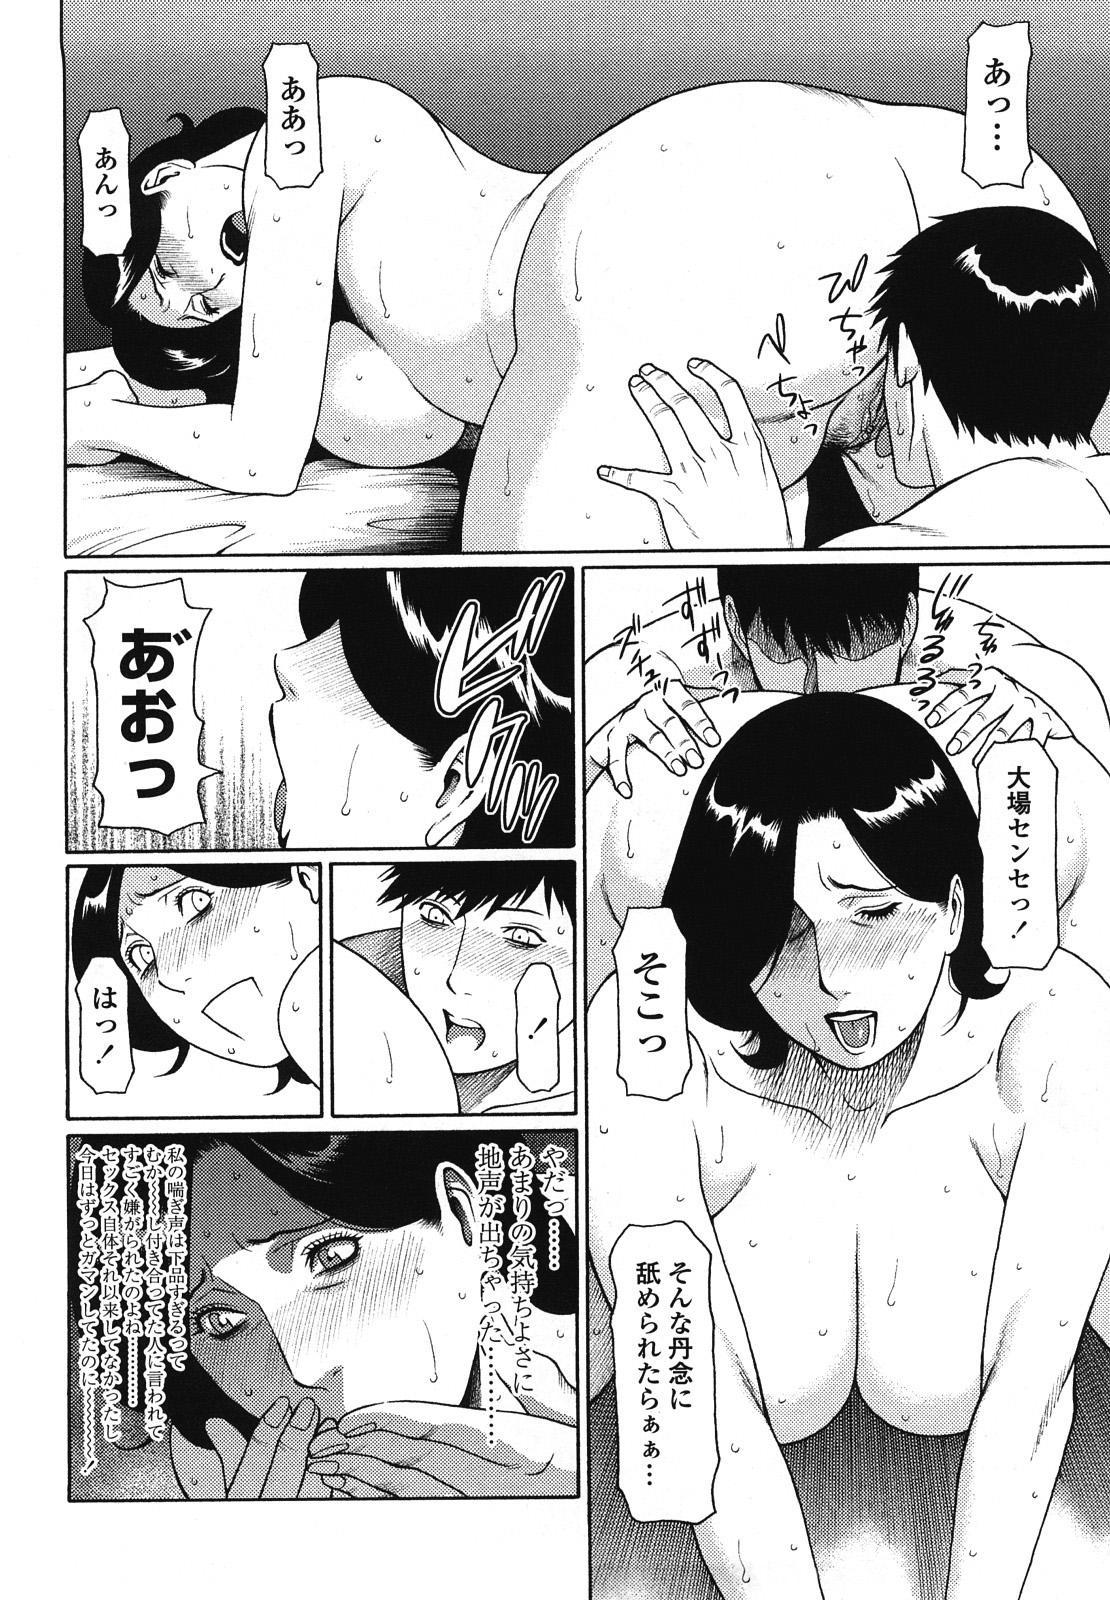 [Takasugi Kou] Kindan no Haha-Ana - Immorality Love-Hole Ch. 11-12 [Decensored] 7